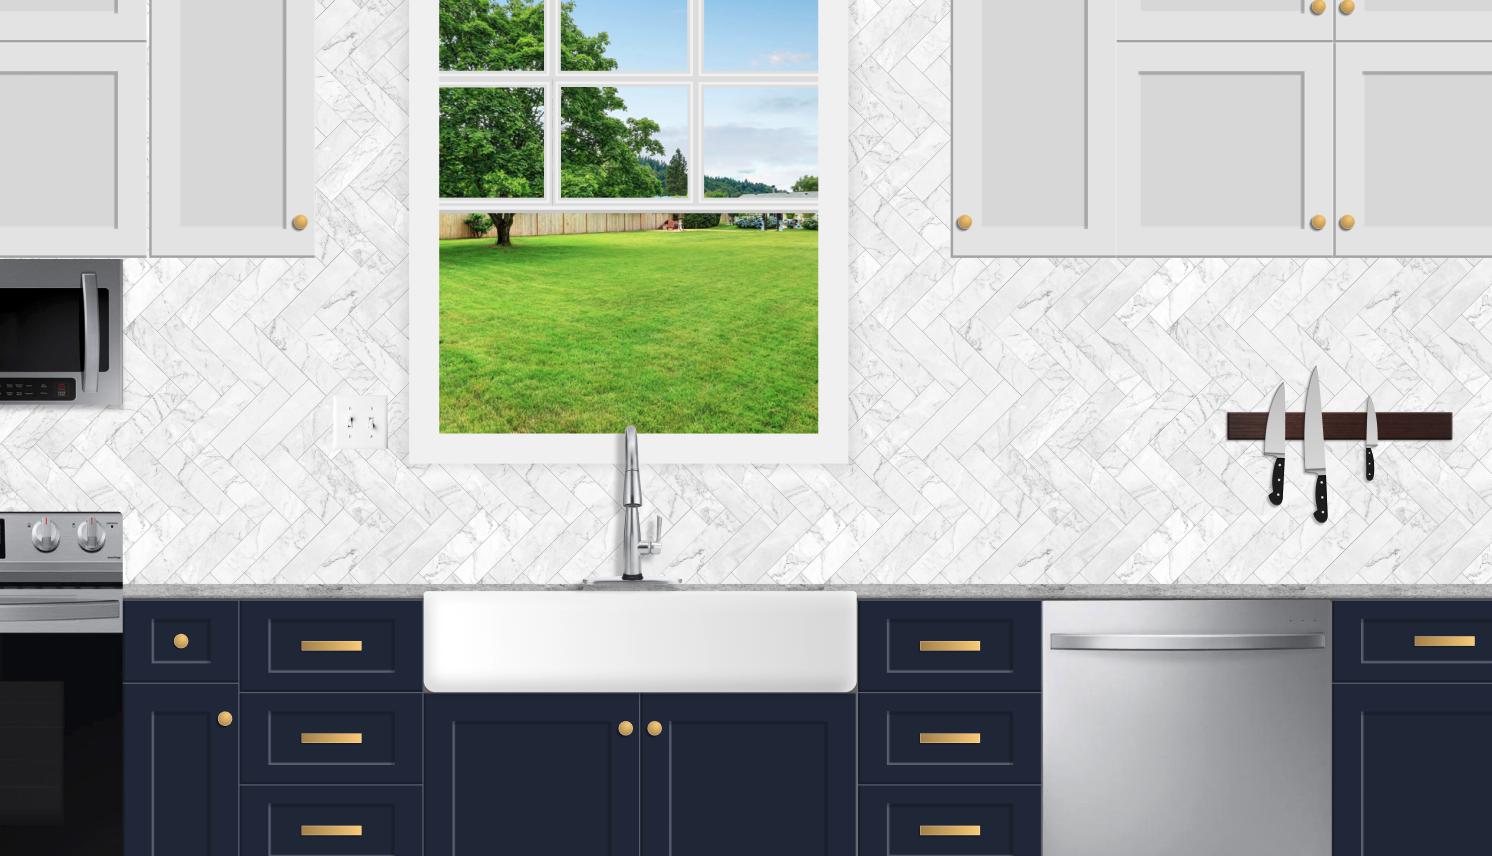 kitchen UI design